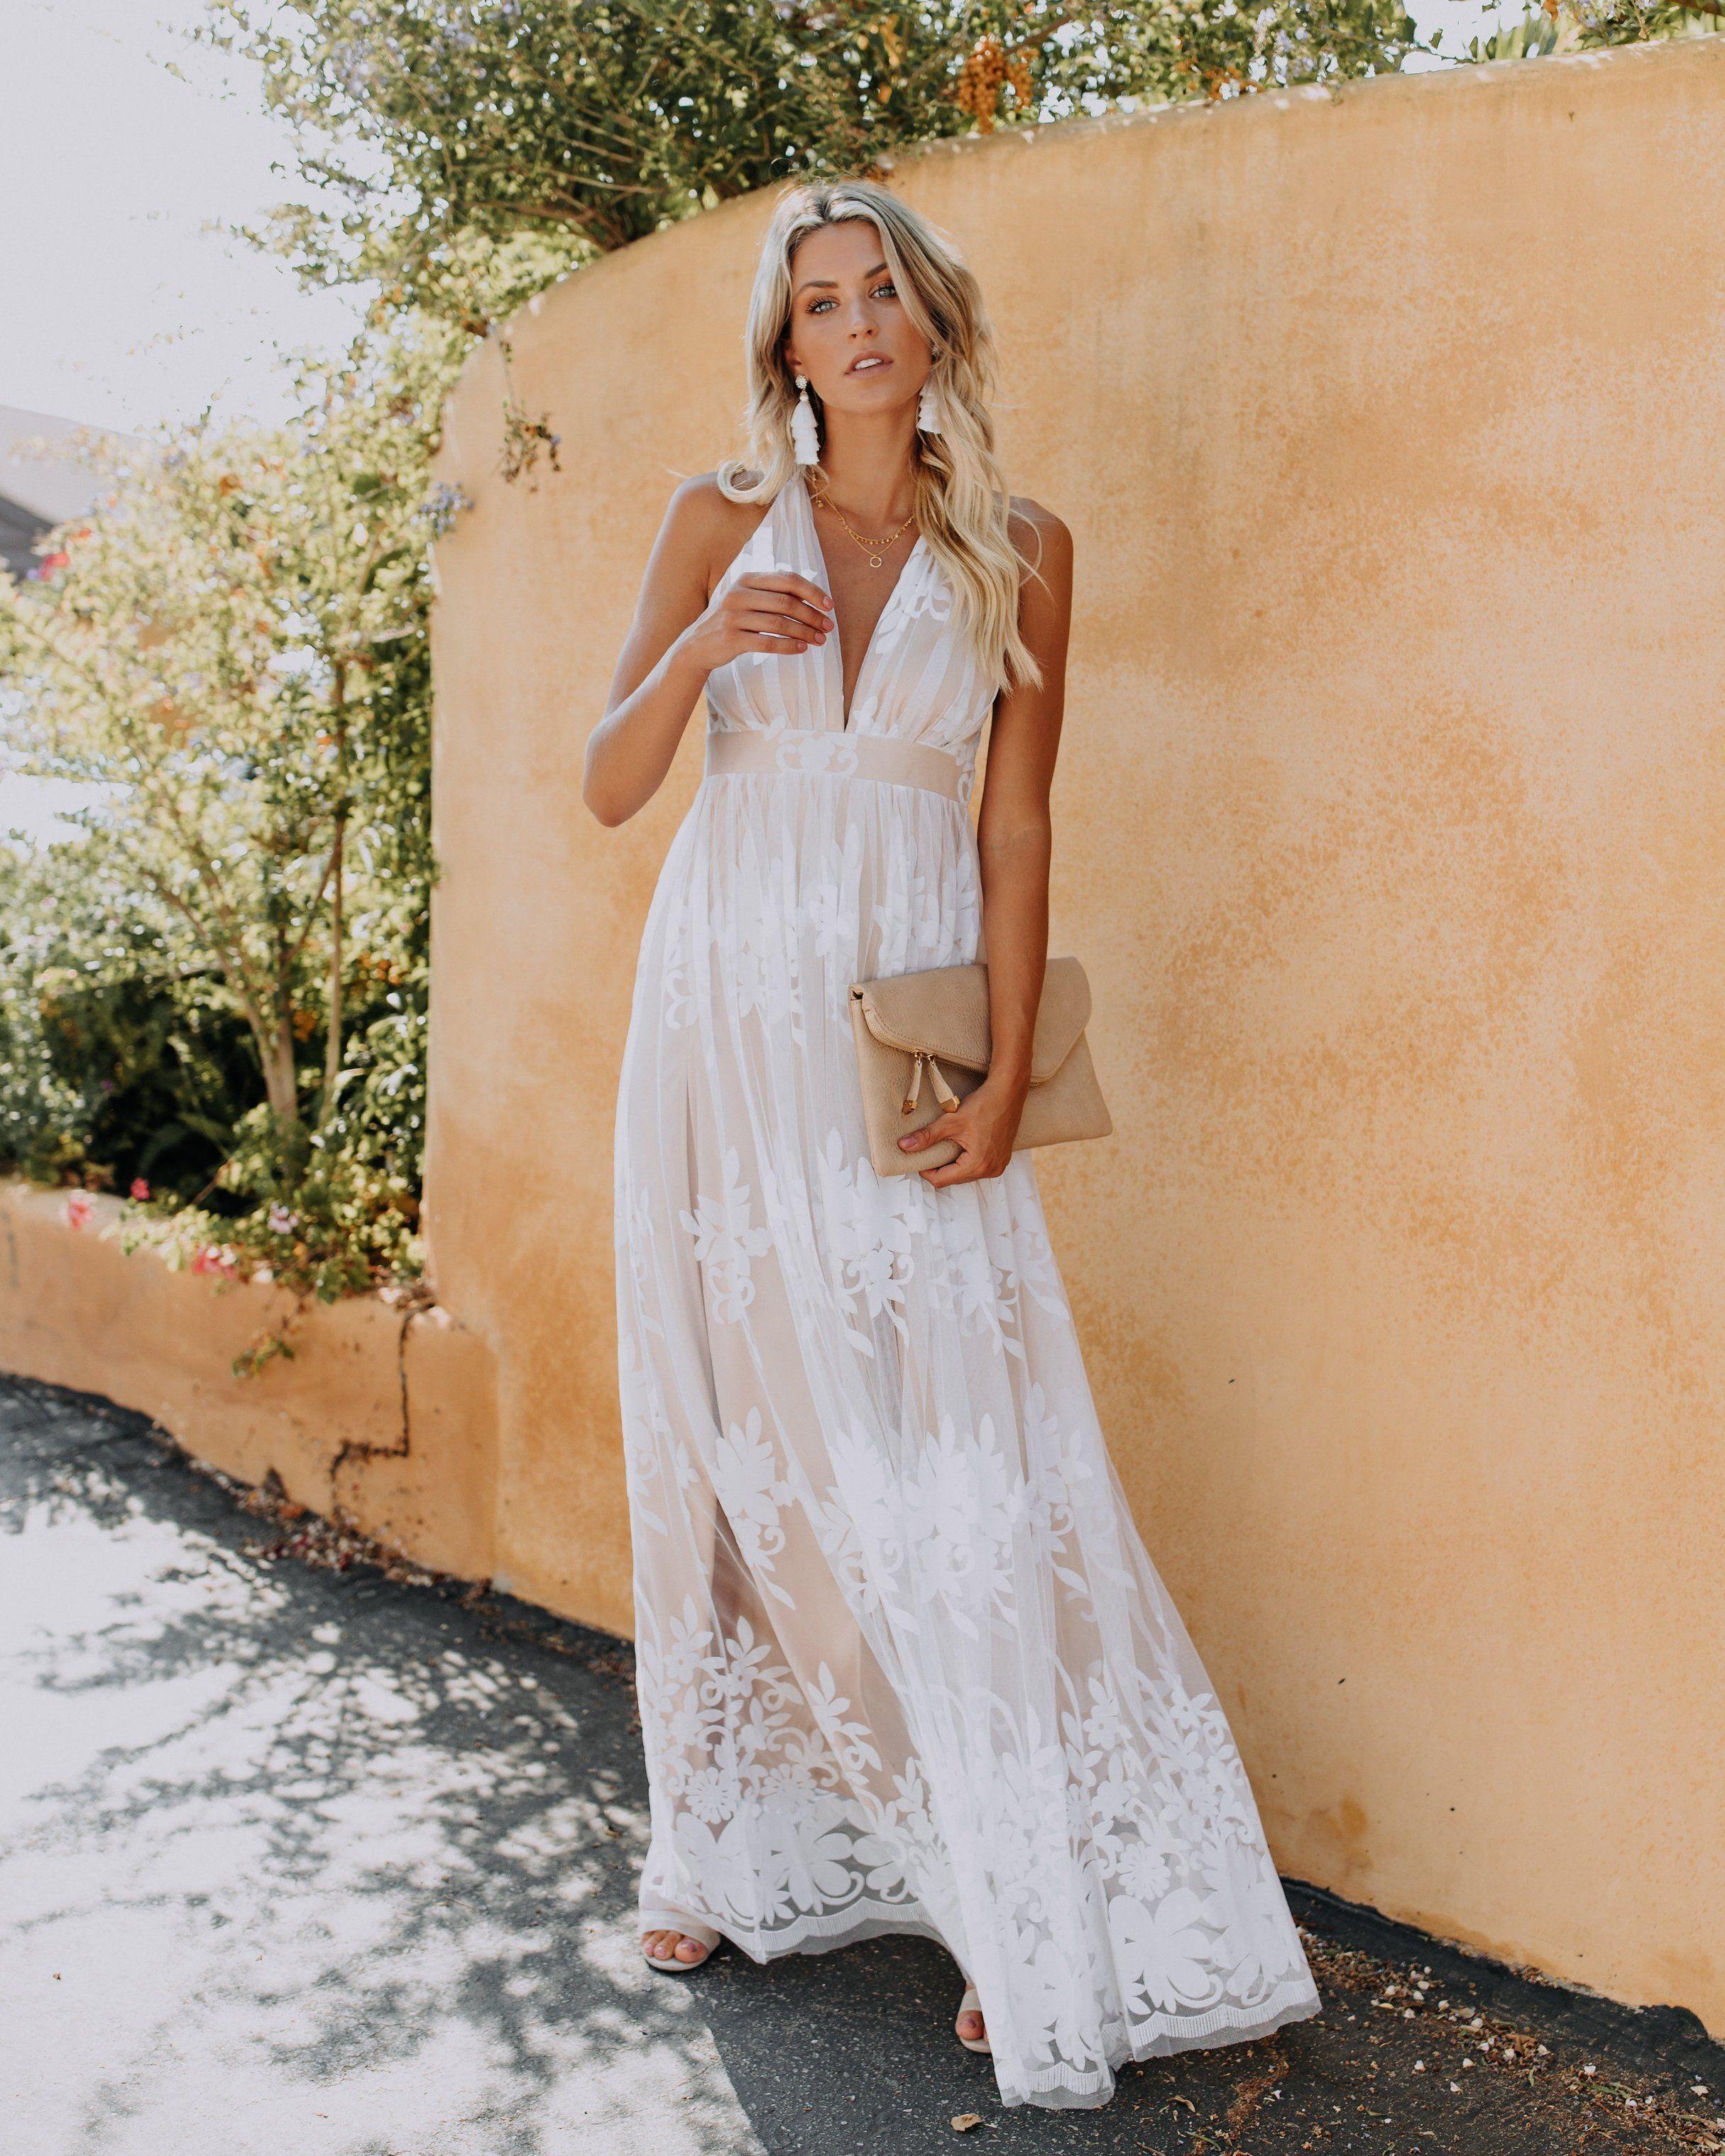 Antonia Maxi Dress White White Maxi Dresses Maxi Dress White Dress [ 3037 x 2430 Pixel ]